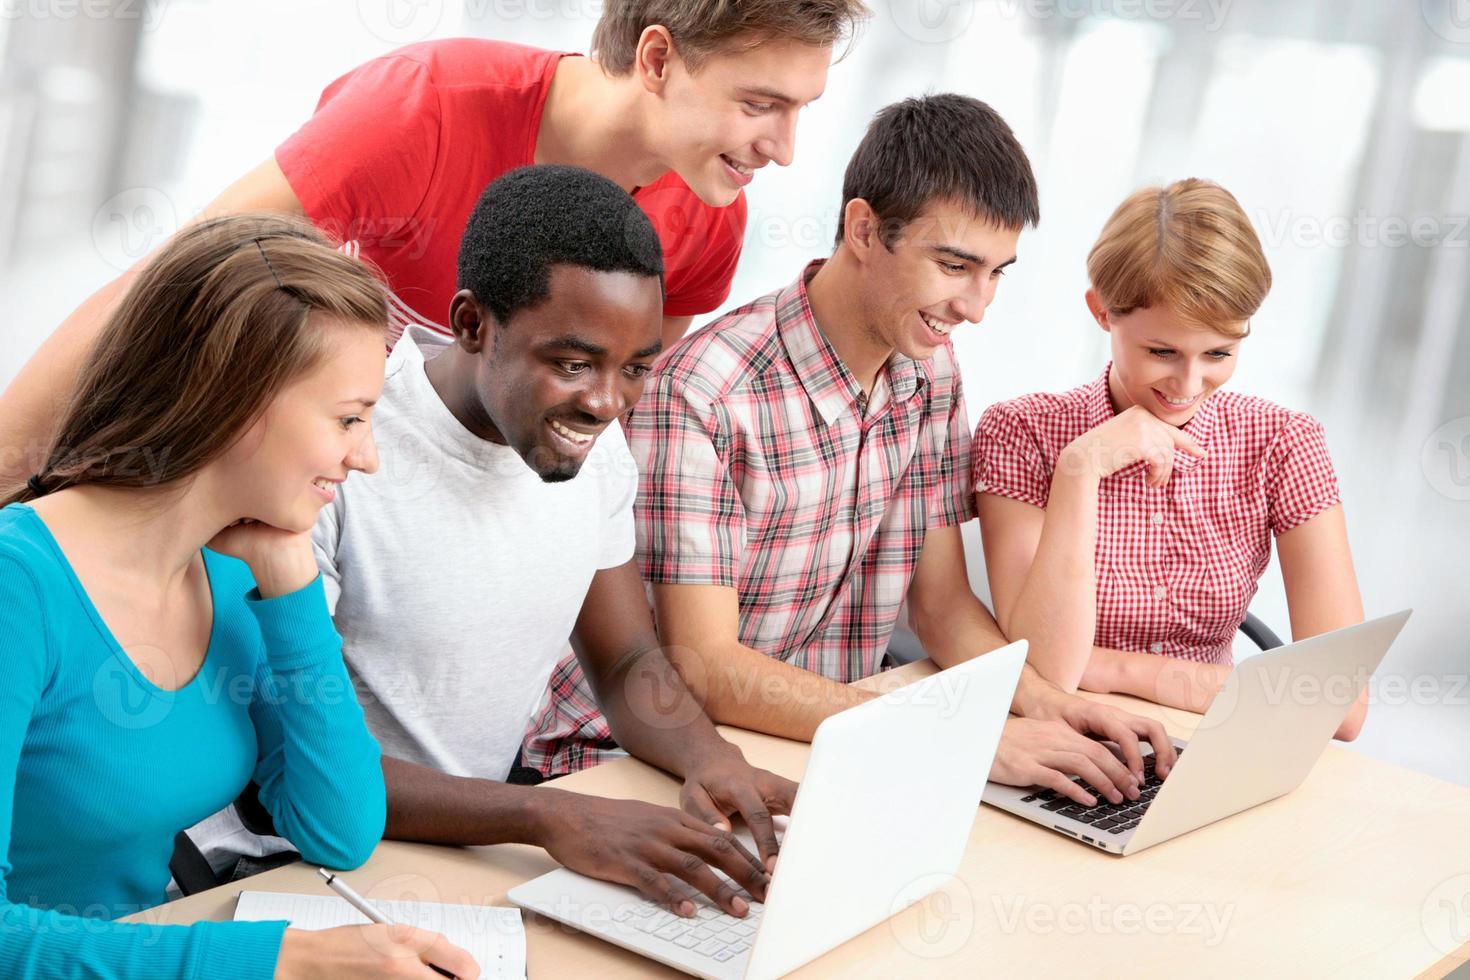 gruppo etnicamente diversificato di studenti che utilizzano computer portatili foto